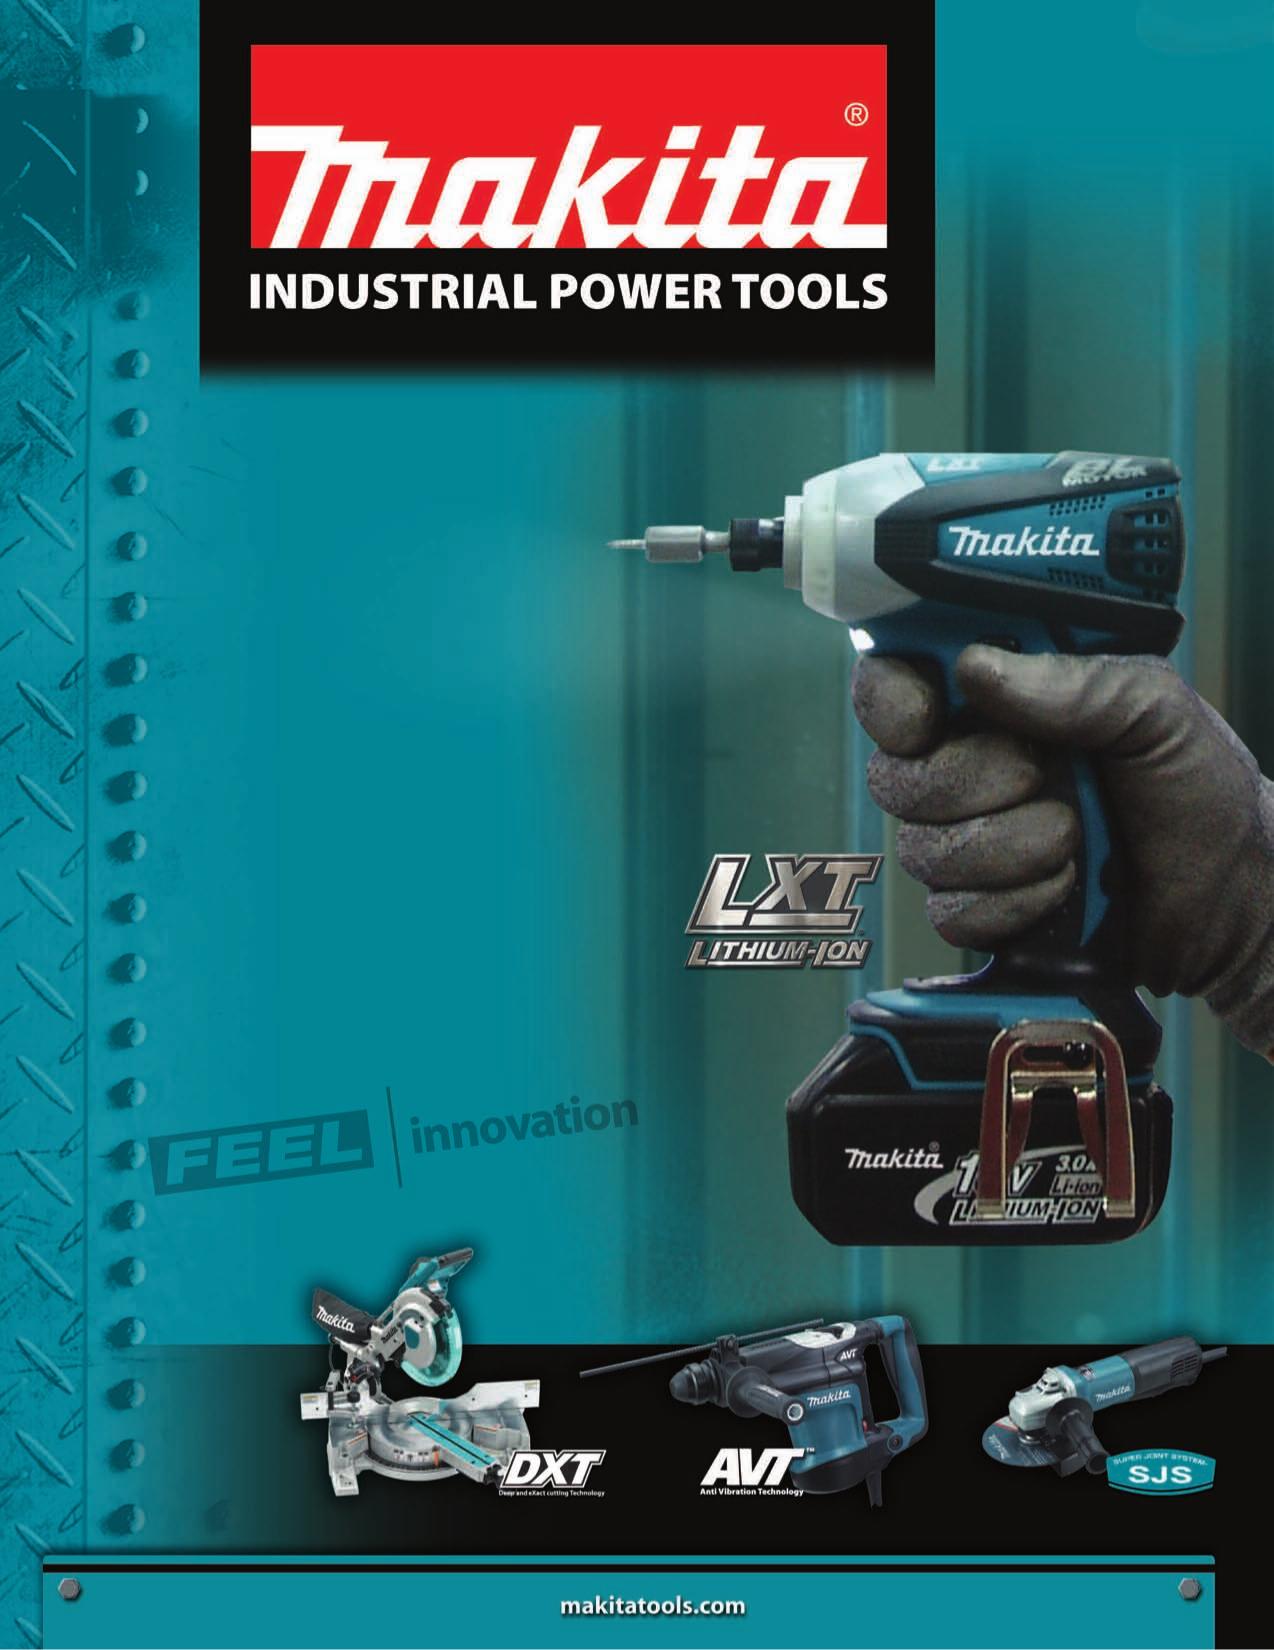 Katalog Makita En Pdf 0 Png 1274 1650 Tool Poster Industrial Power Tools Makita